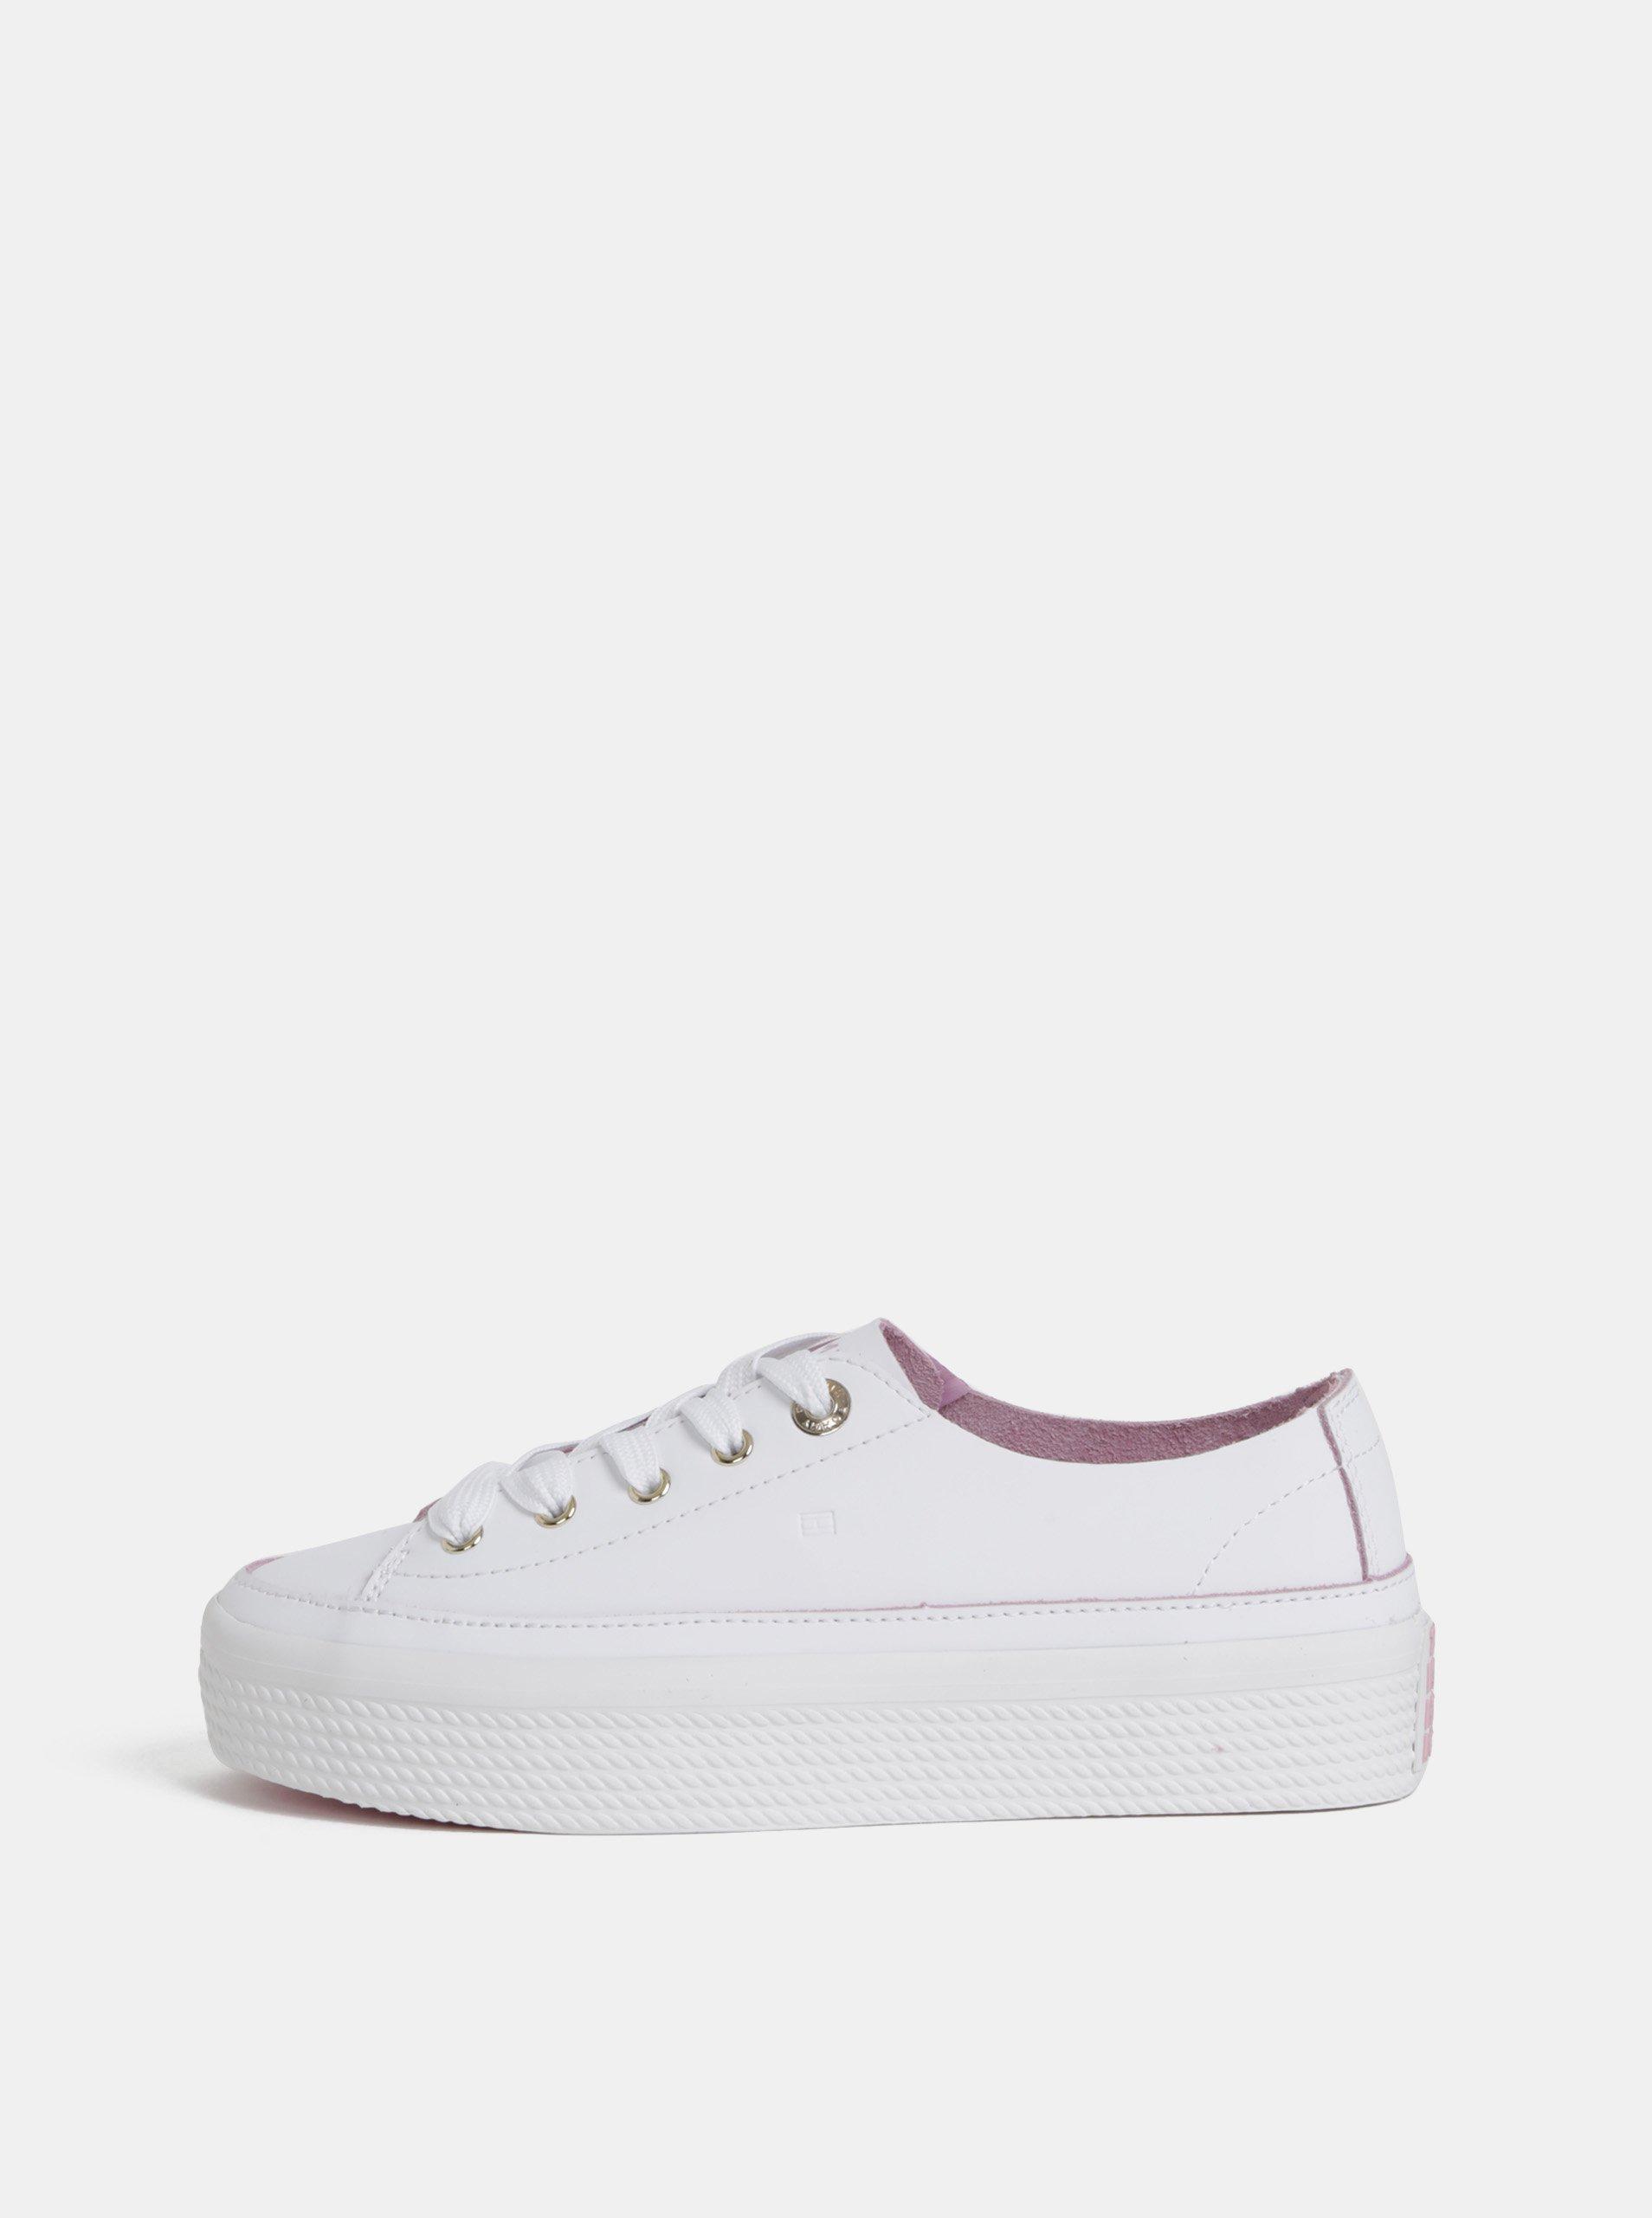 Bílé dámské kožené tenisky na platformě Tommy Hilfiger